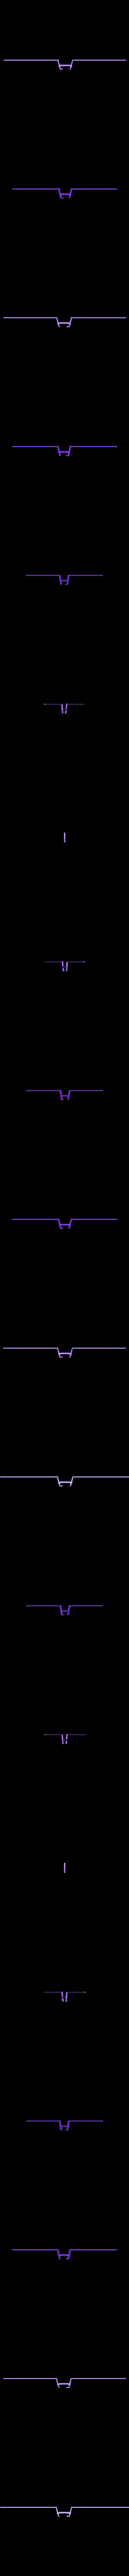 brake_linkages.stl Télécharger fichier STL gratuit Boxcar russe série 11-270, échelle HO • Design pour impression 3D, positron